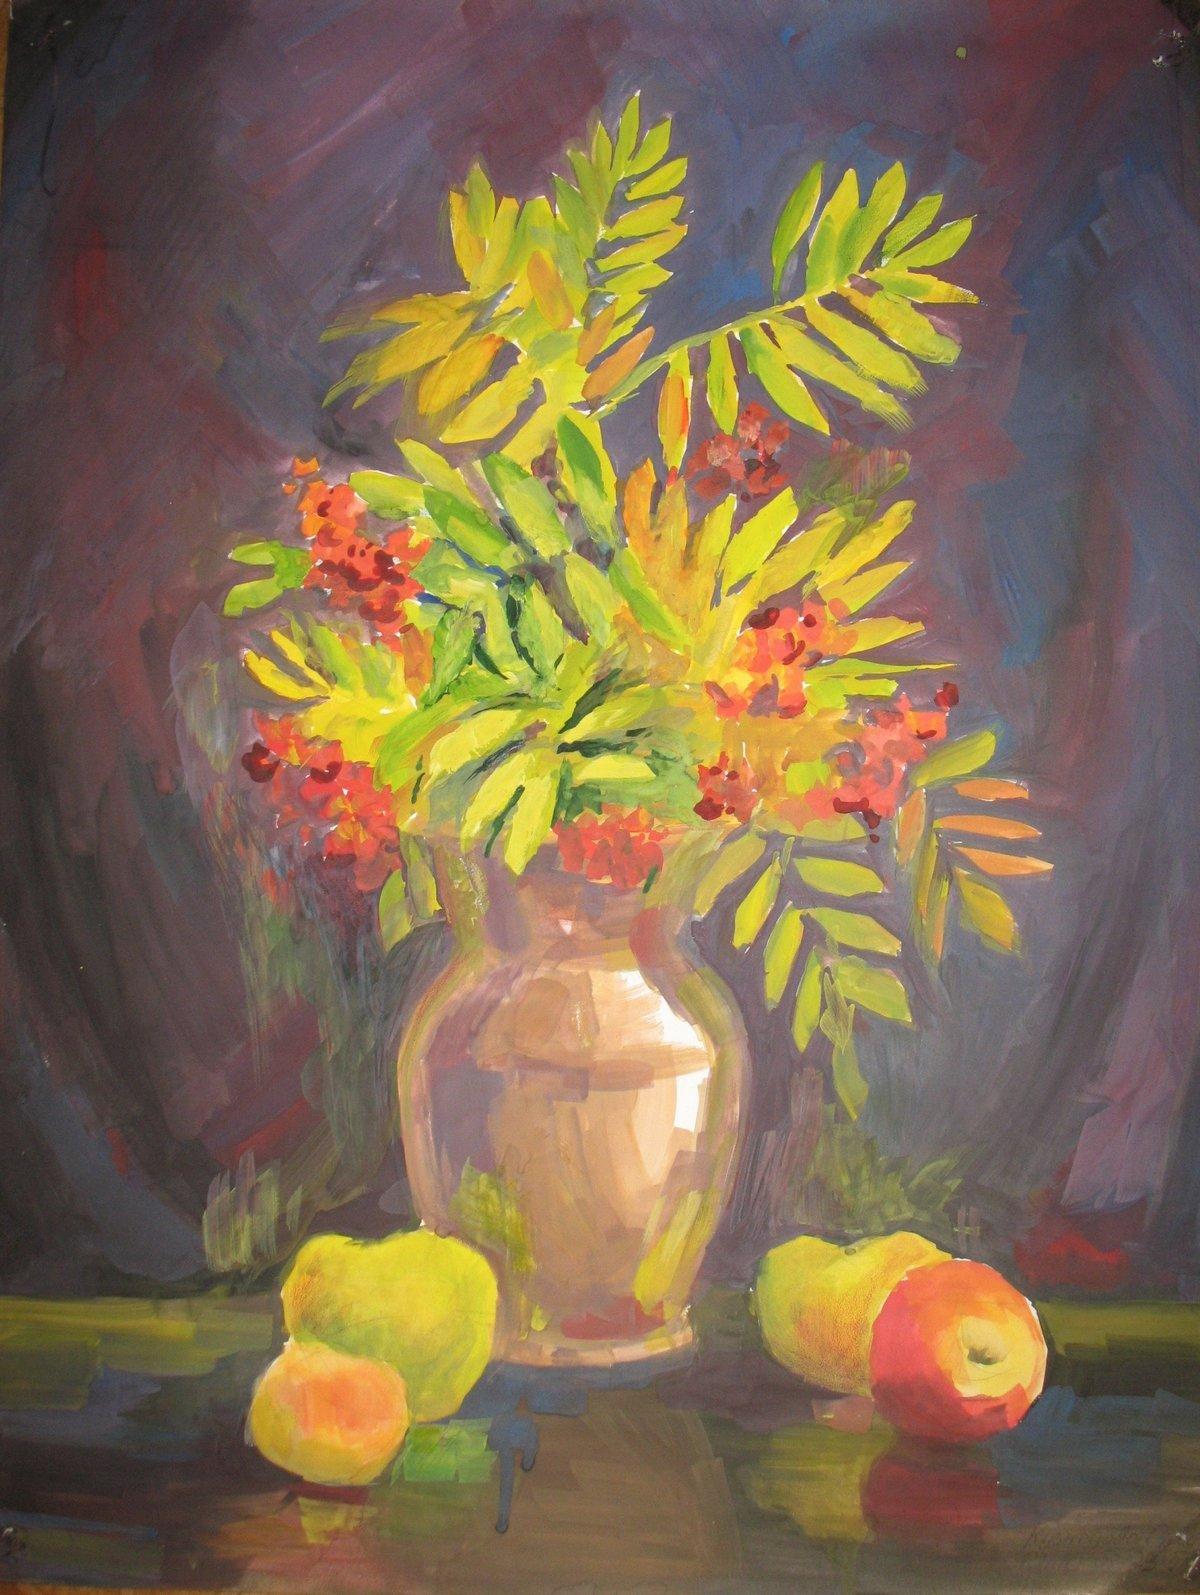 листья в вазе рисунок гуашью купе диагональный это